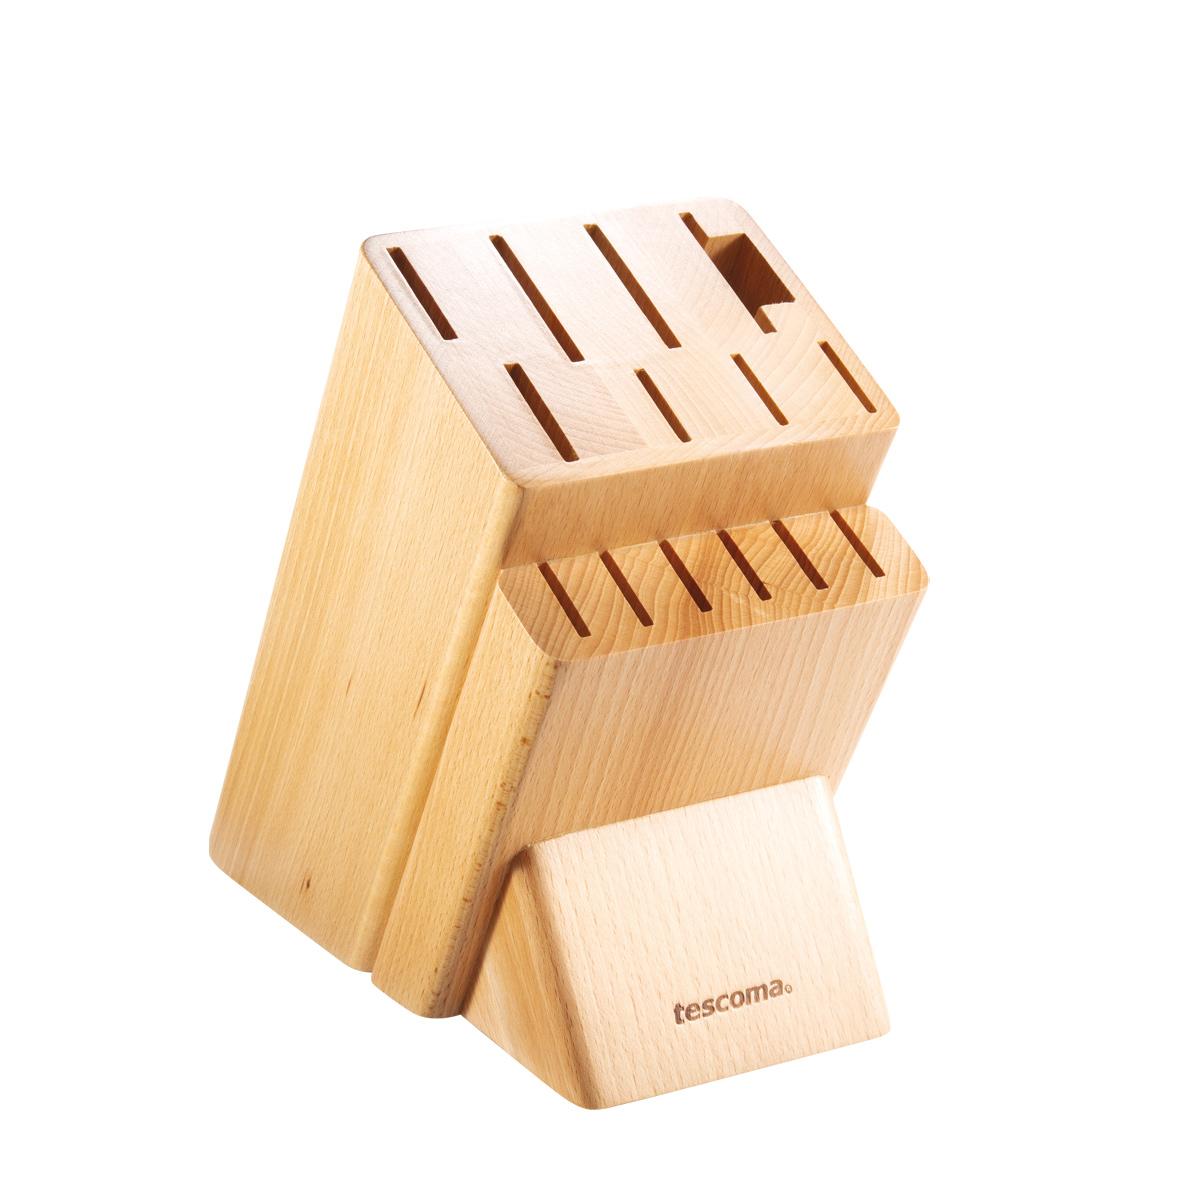 Blok NOBLESSE pro 14 nožů, nůžky na drůbež / ocílku